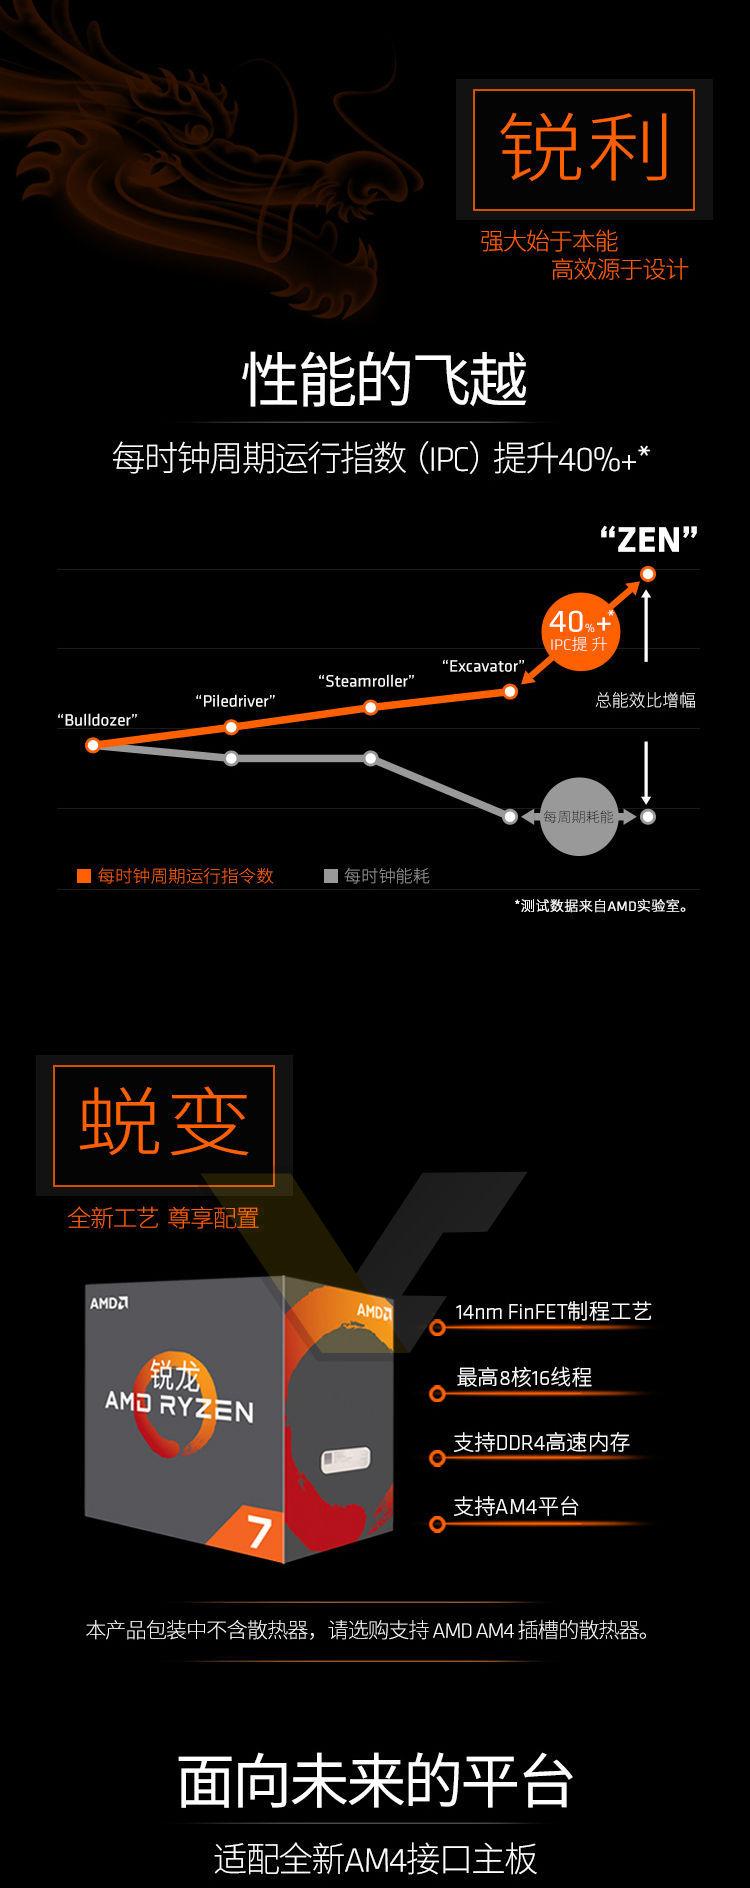 Chinese and Korean retailers leak AMD Ryzen marketing ...